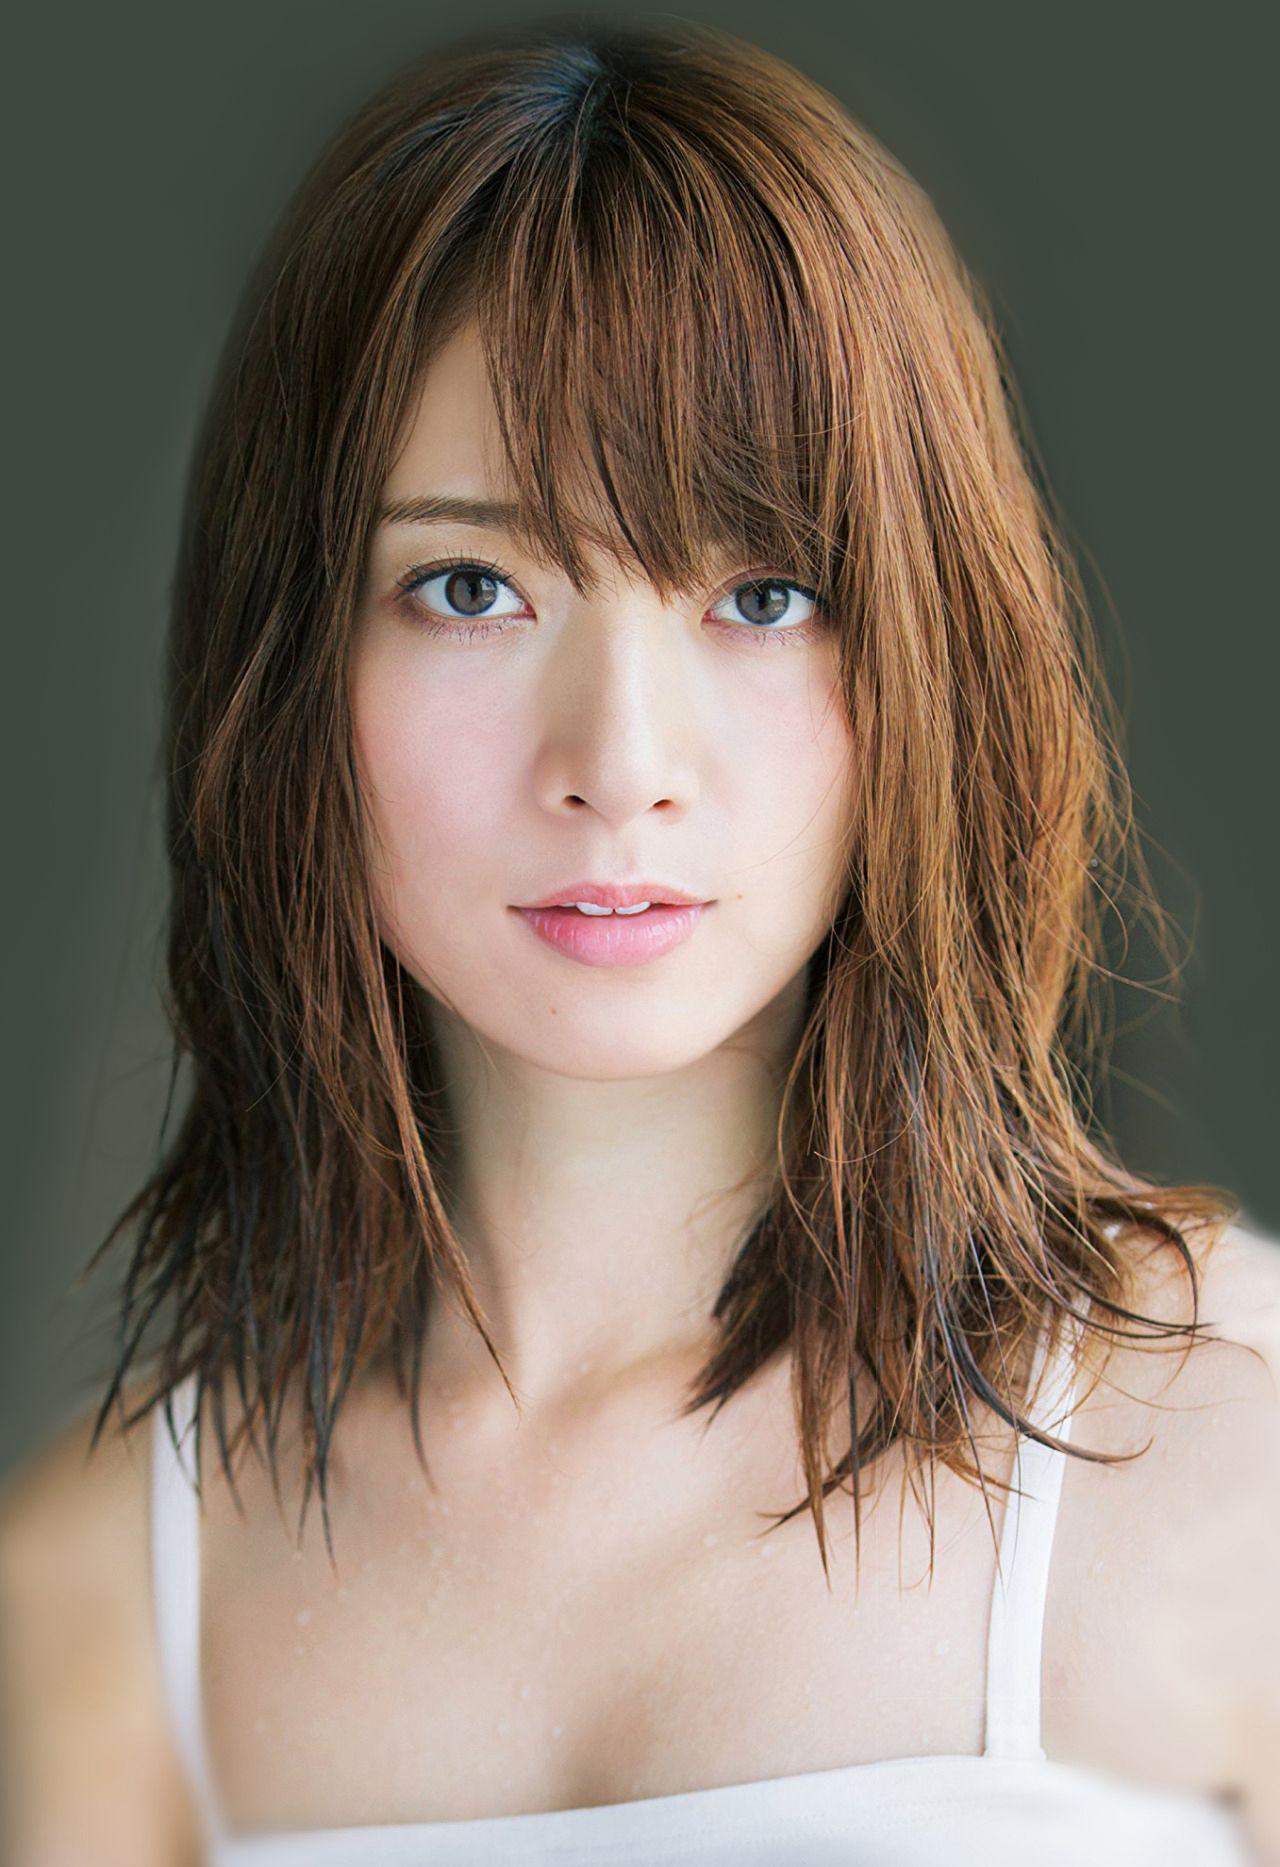 Nanamiの画像 p1_36